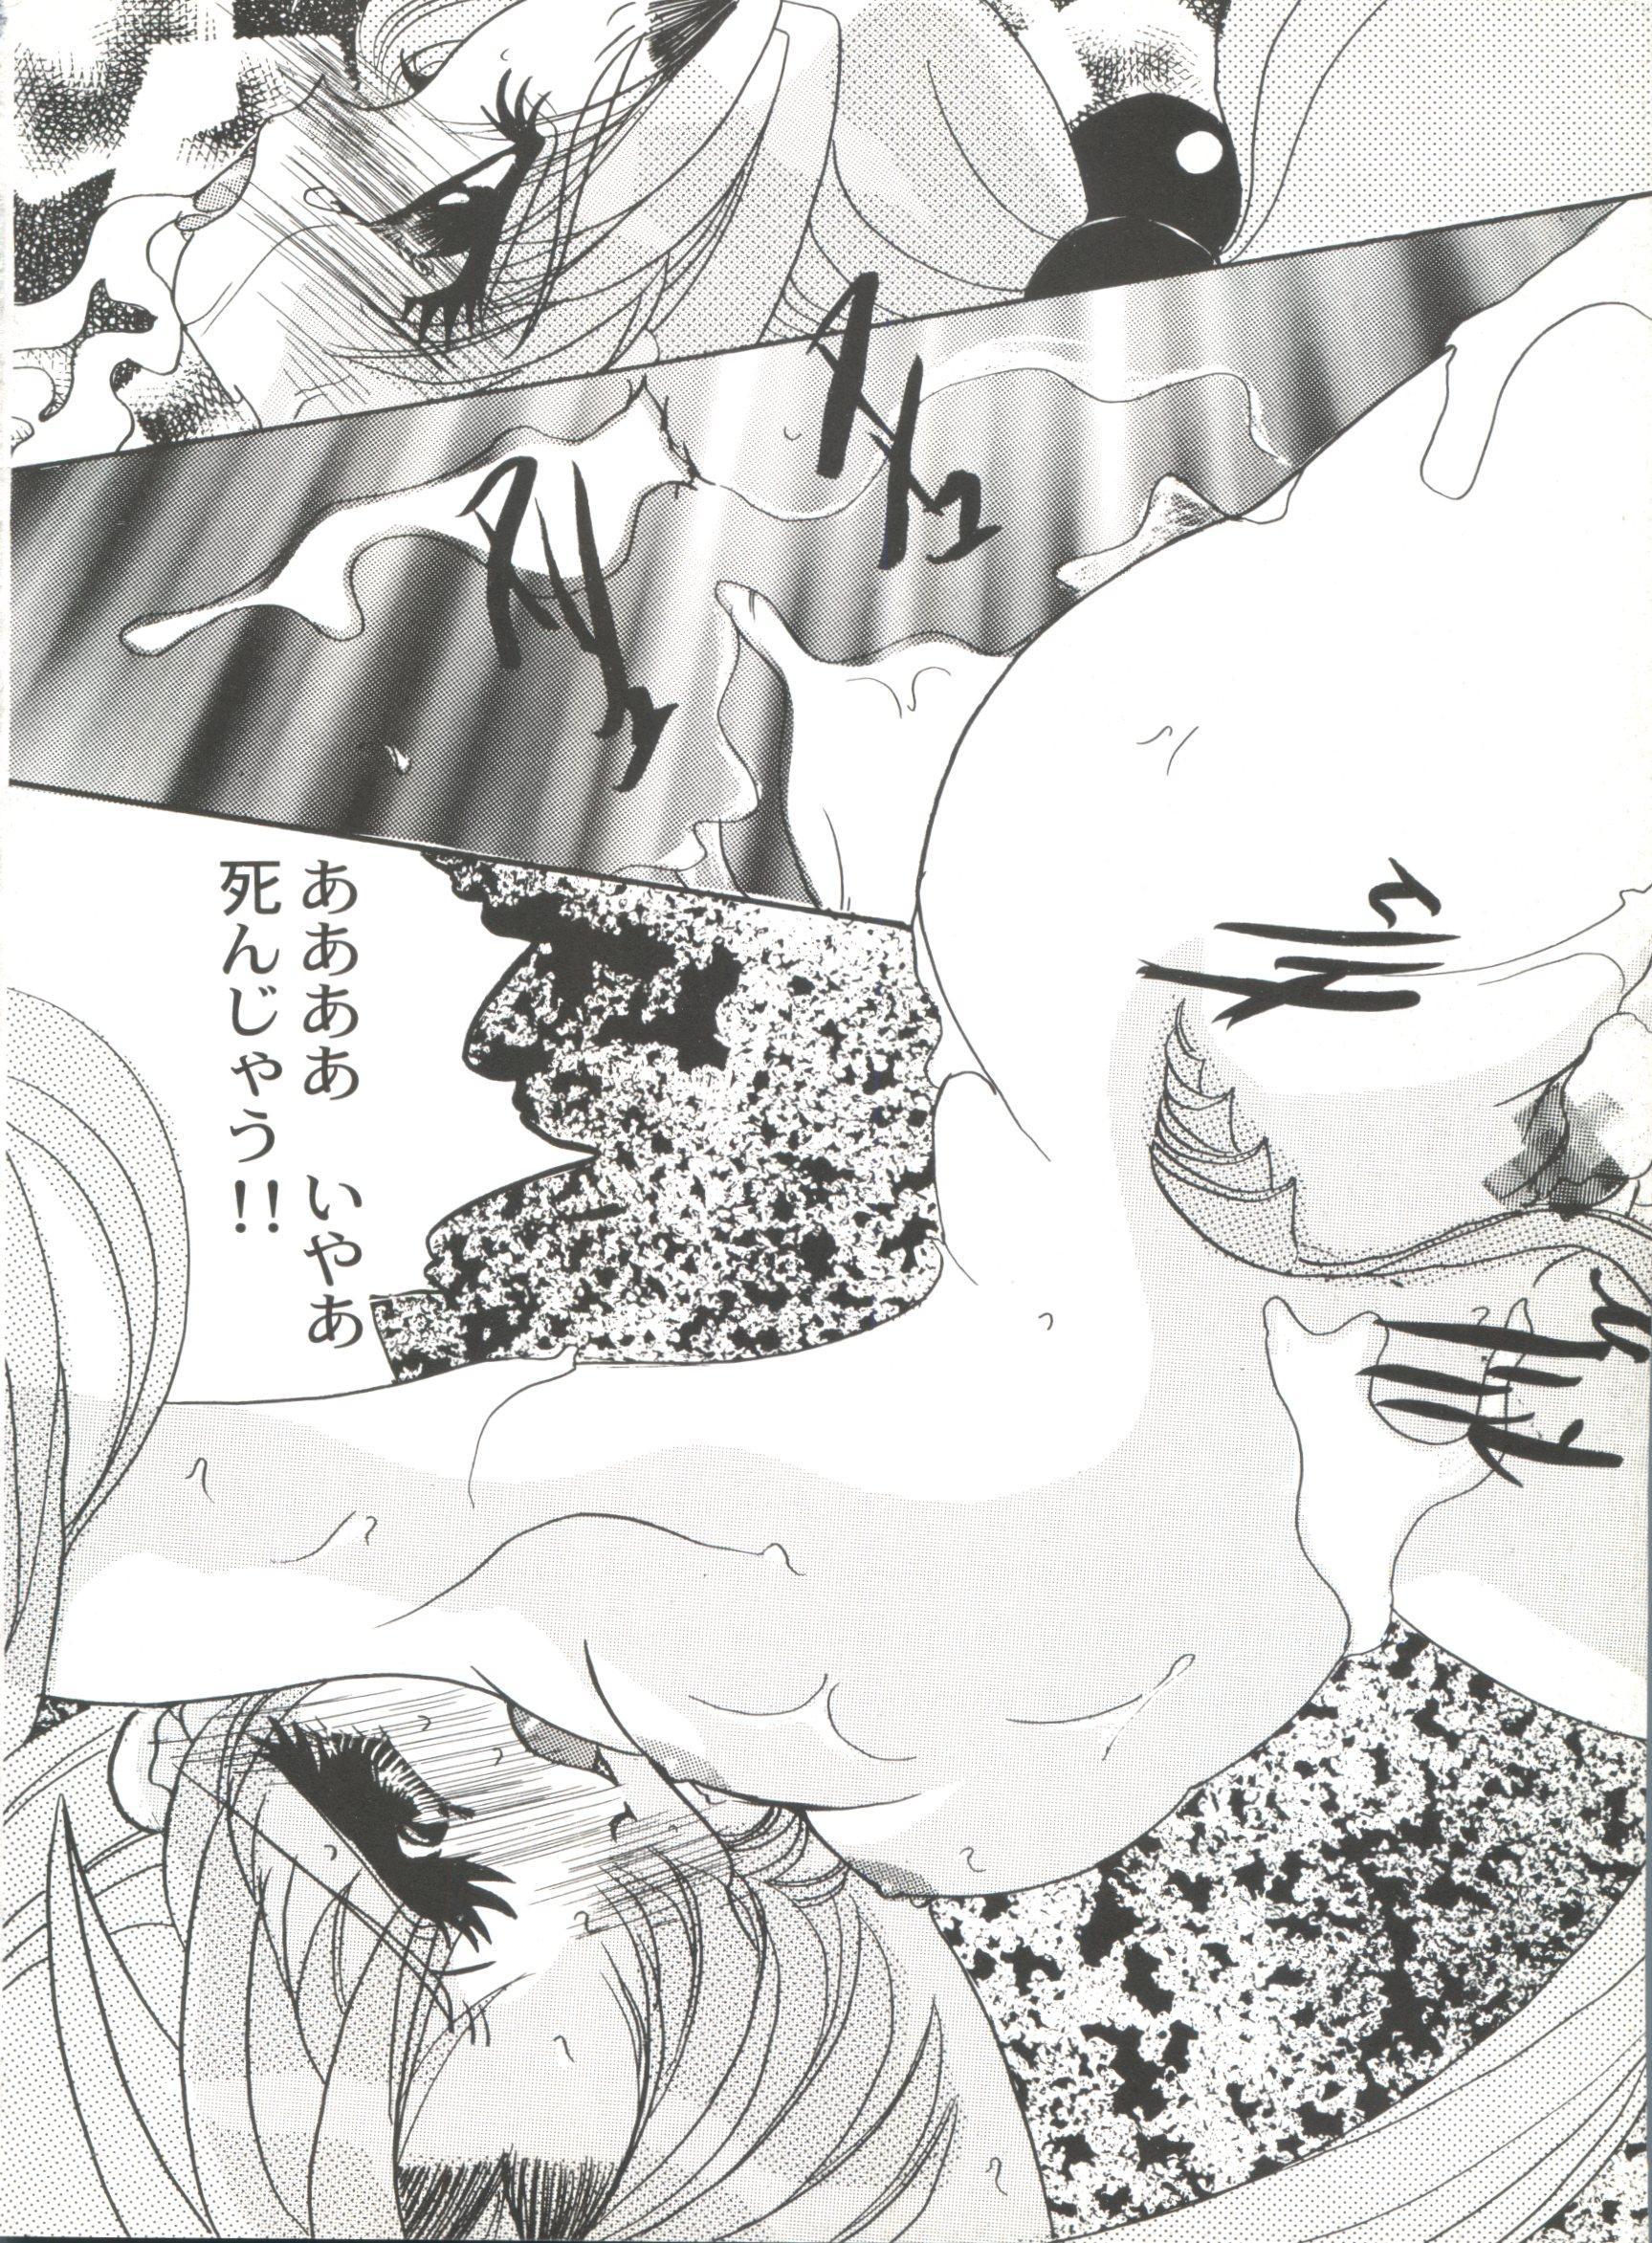 Bishoujo Doujinshi Anthology Cute 4 131